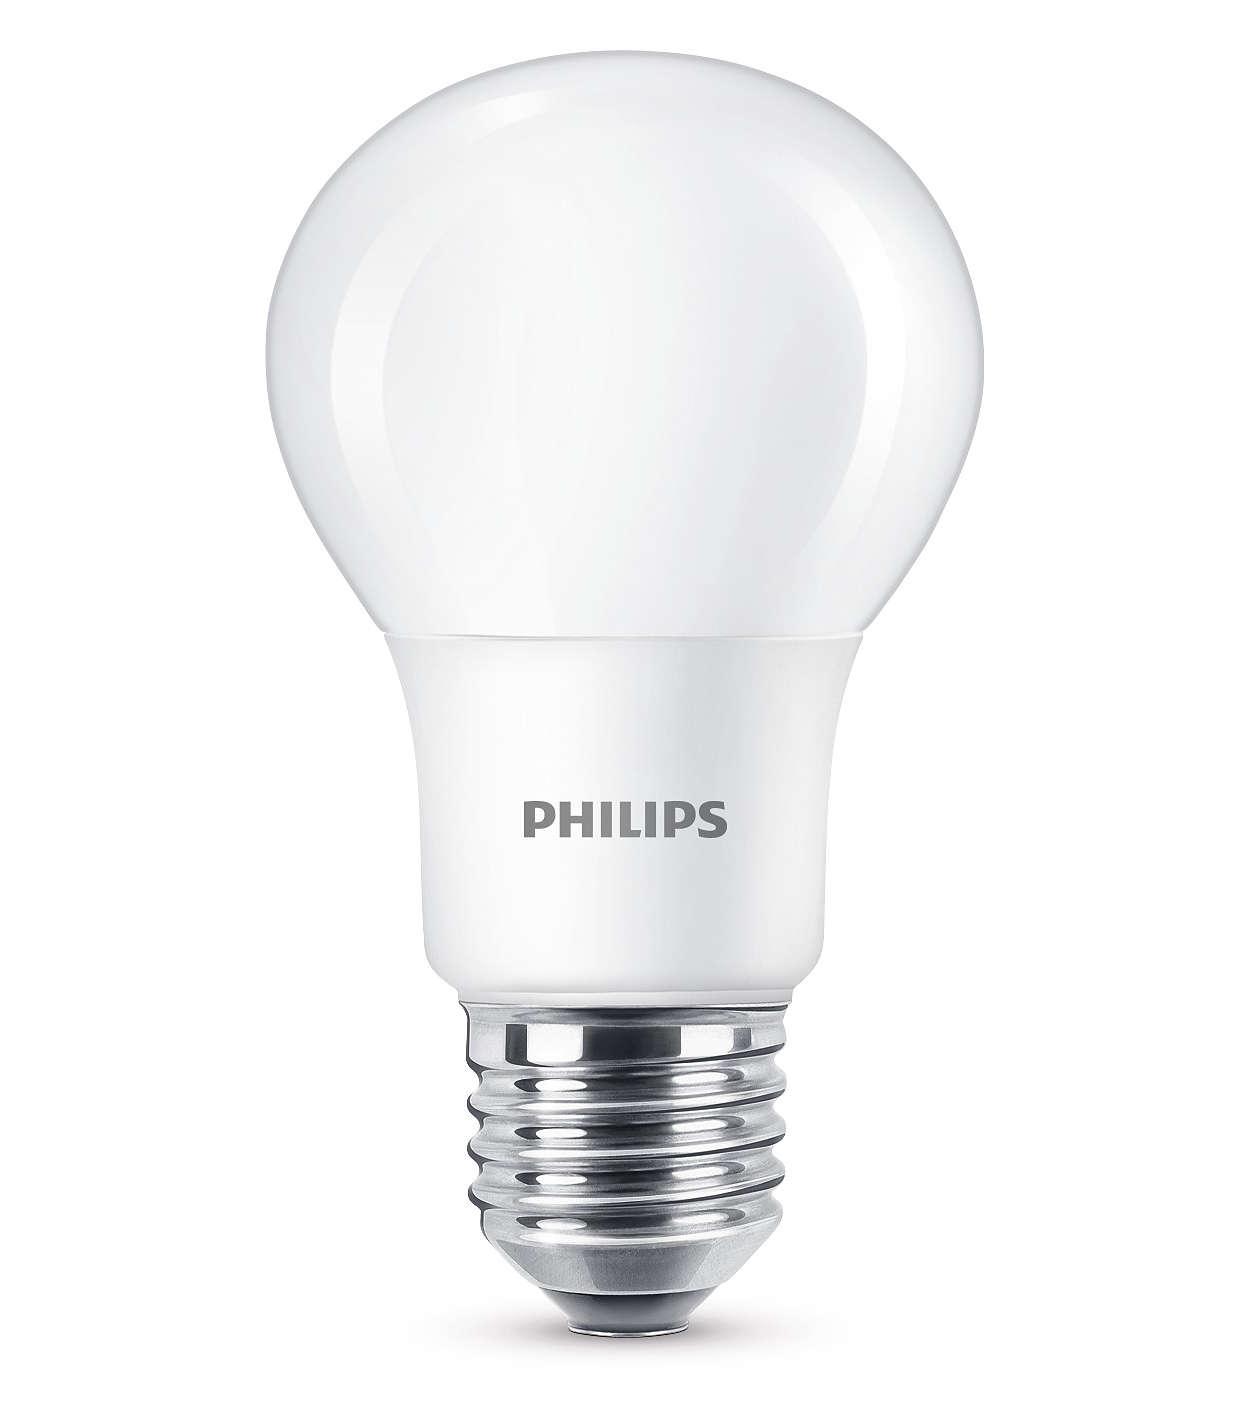 chladné bílé světlo a světelná kvalita bez kompromisů